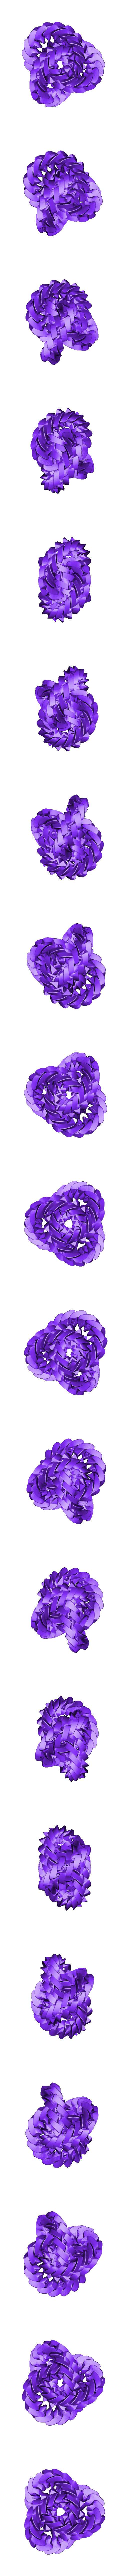 triple_gear_with_mark.stl Télécharger fichier STL gratuit Triple engrenage • Objet pour impression 3D, Cults